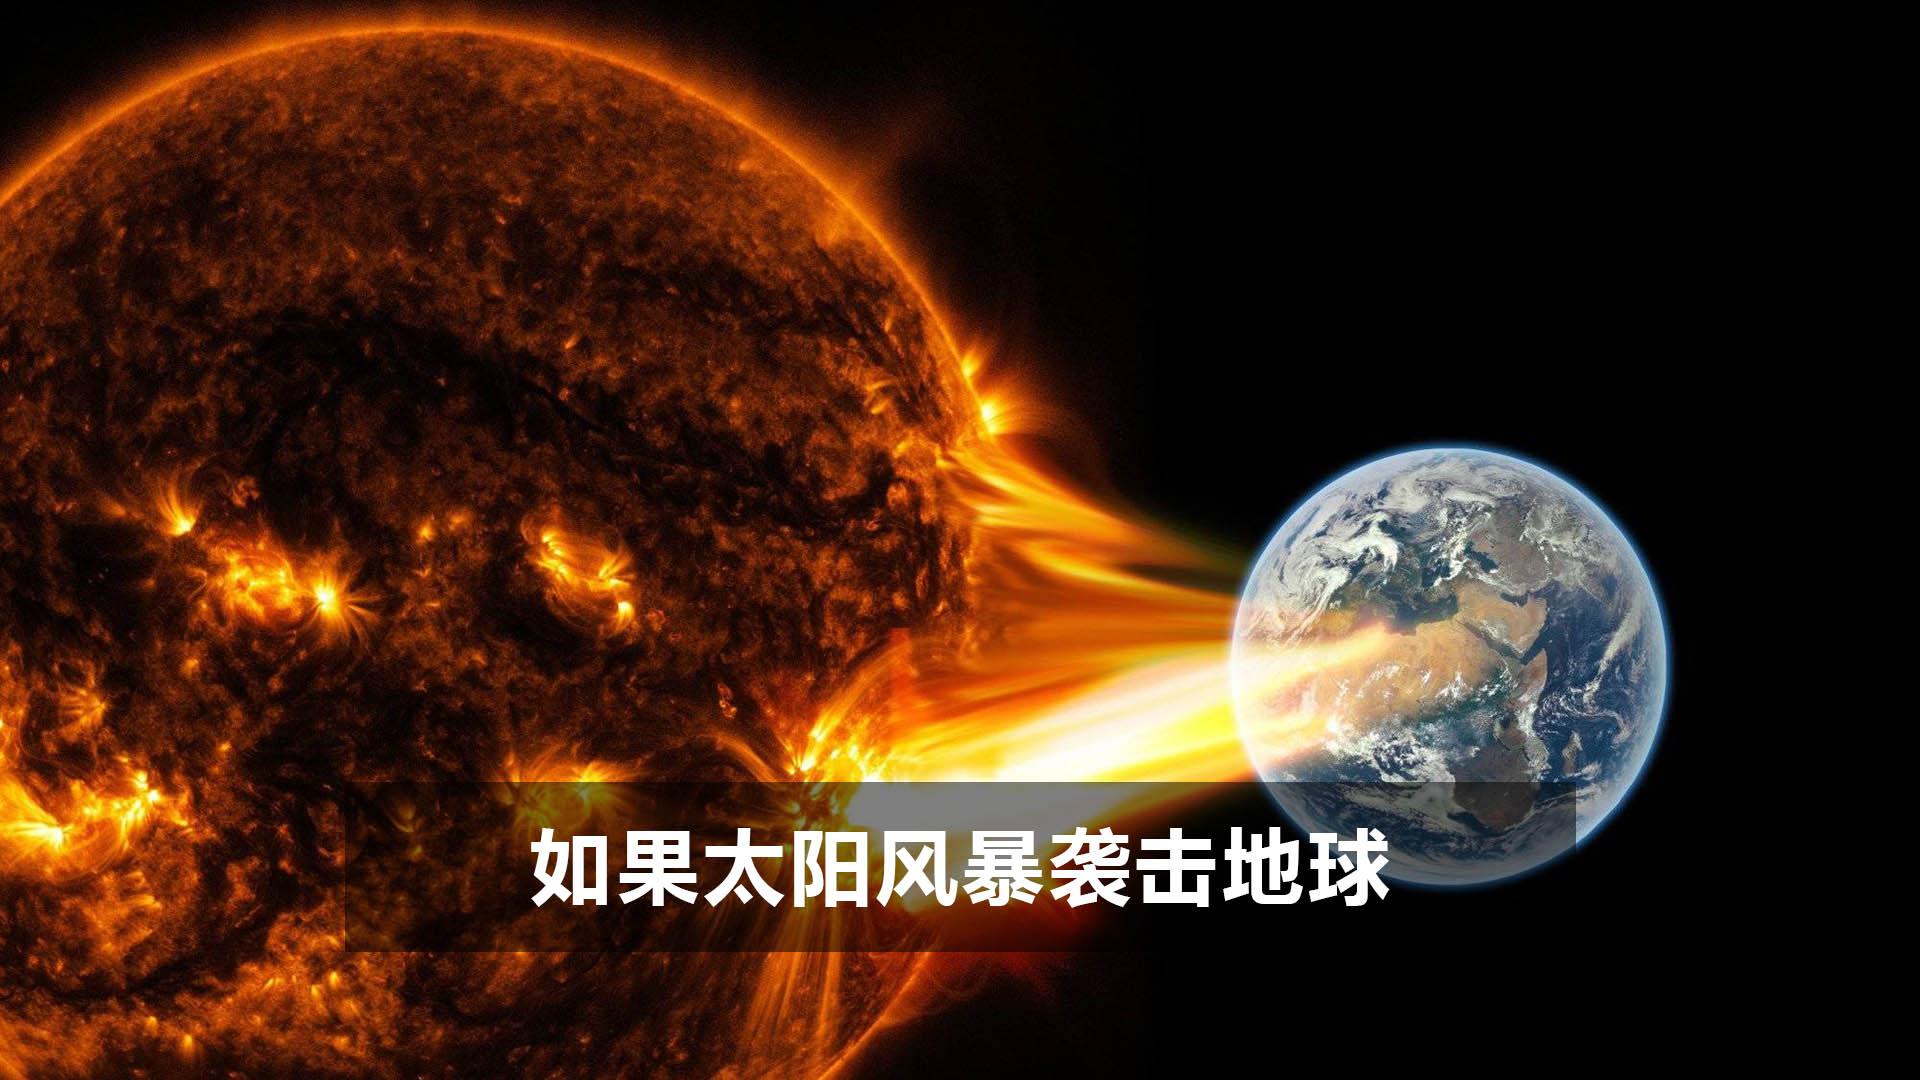 如果太阳风暴袭击地球,人类能支撑多久?其他生命会怎样?